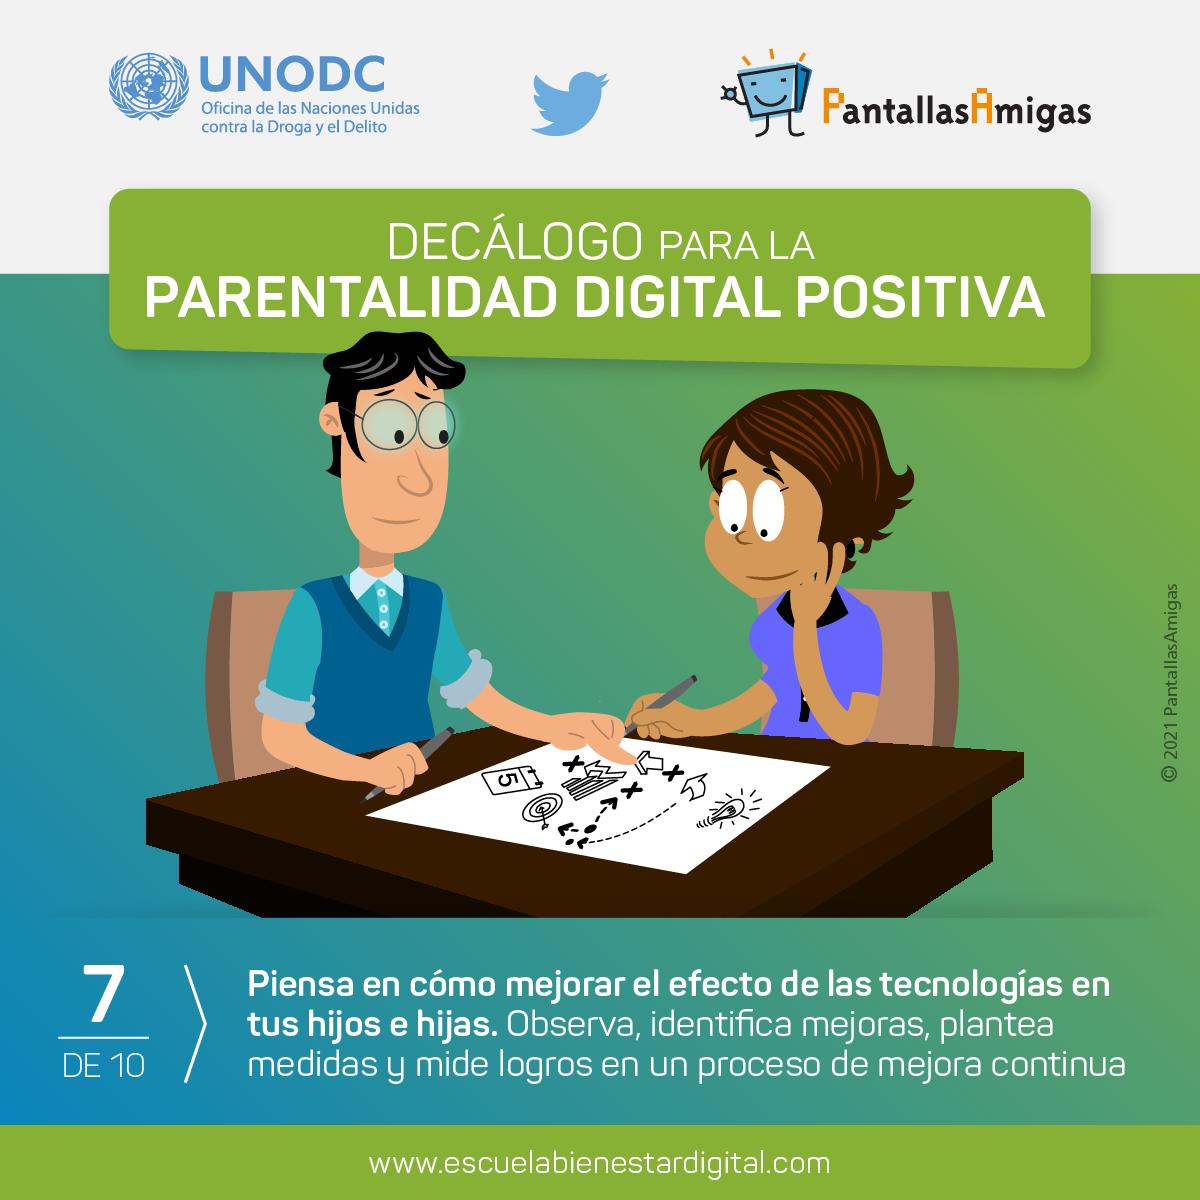 Piensa en cómo mejorar el efecto de las tecnologías en tus hijos e hijas.